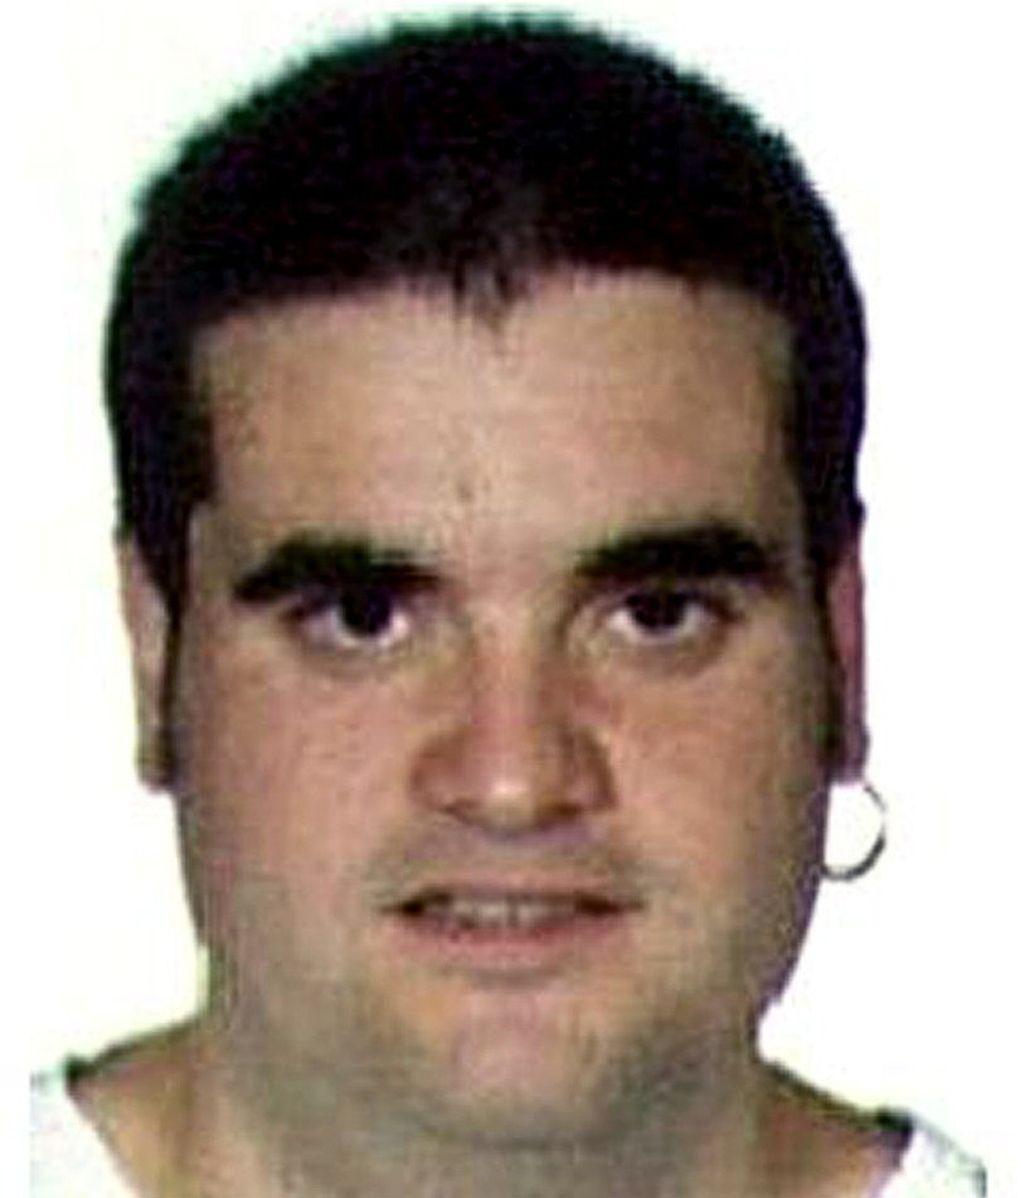 Uno de los tres detenidos este sábado en el centro de Francia es Jon Extebarria Oyarbide.